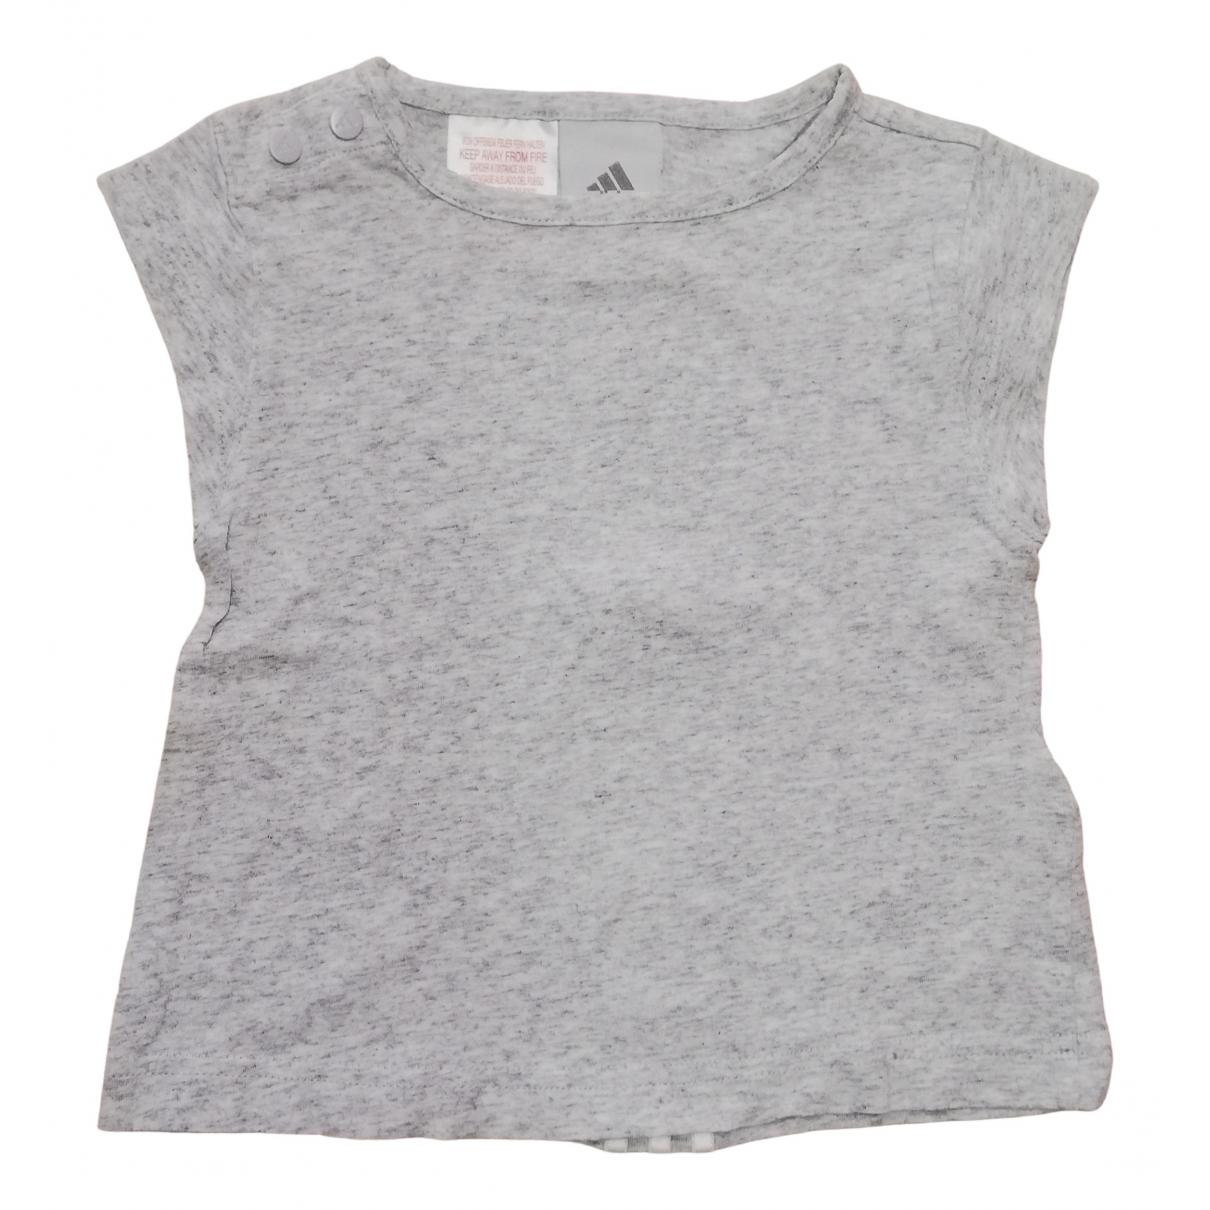 Adidas \N Oberteile in  Grau Baumwolle